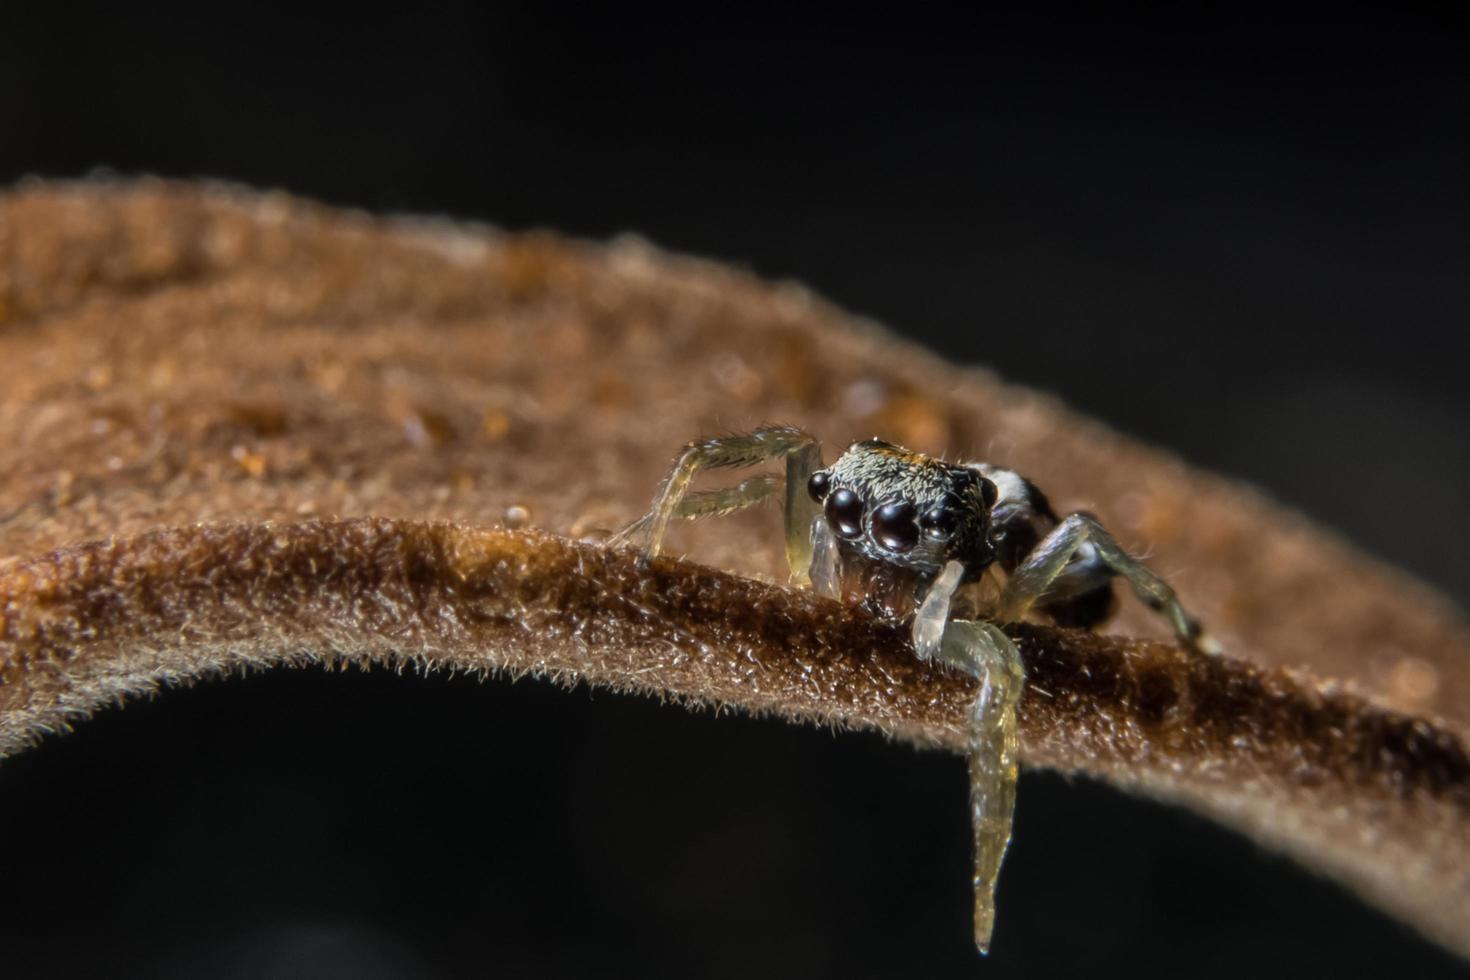 Spinne auf einem trockenen Zweig foto